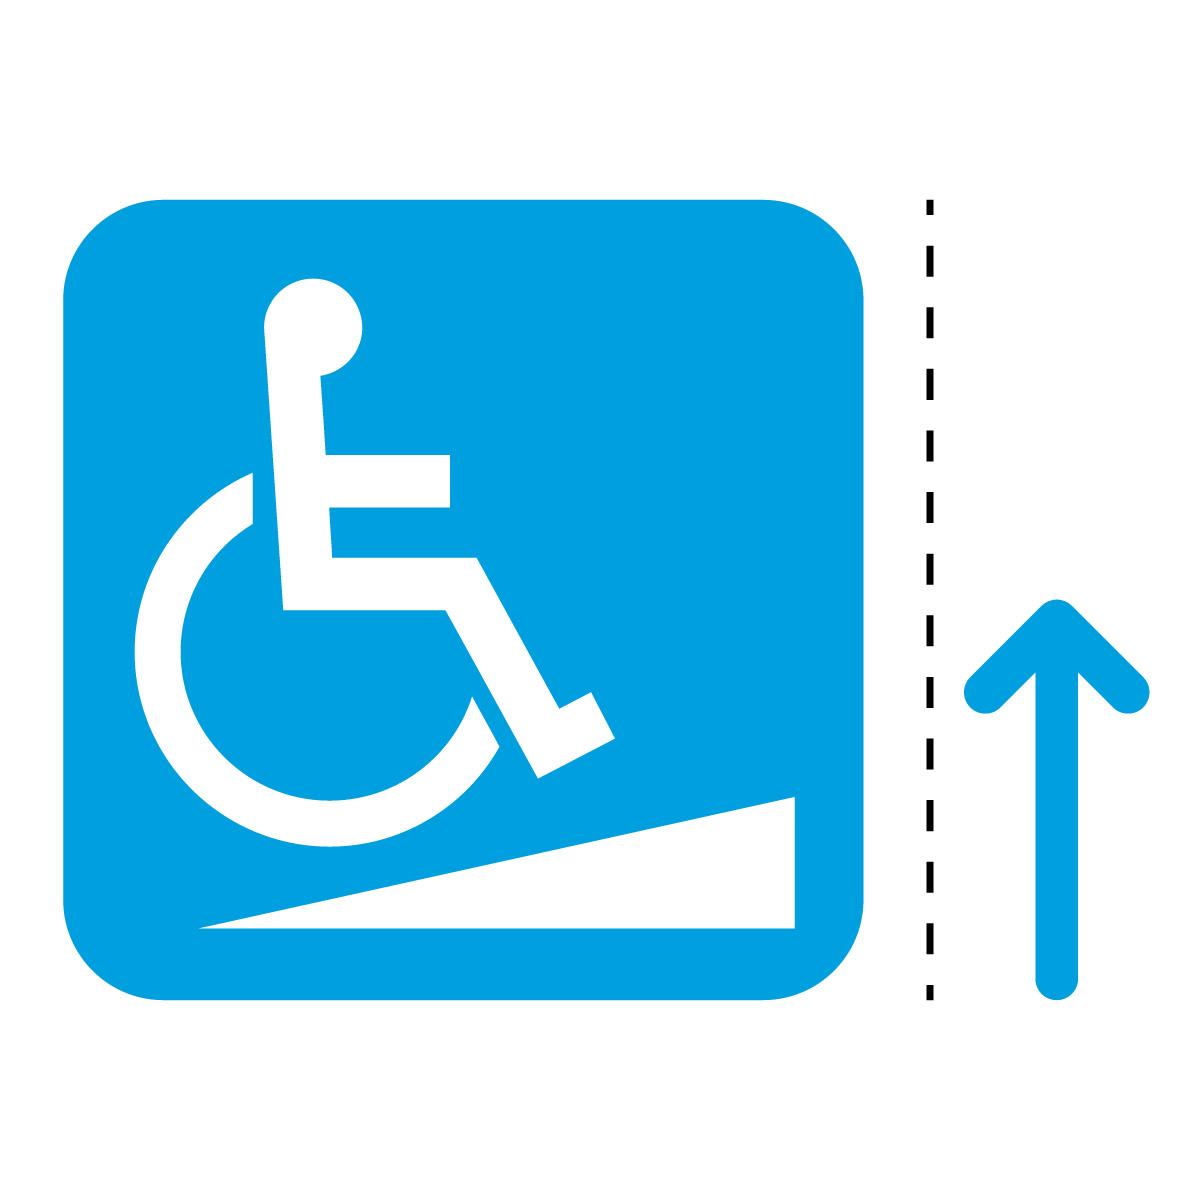 青色の車椅子・障害者スロープ案内マーク(矢印付き)のカッティングステッカー・シール